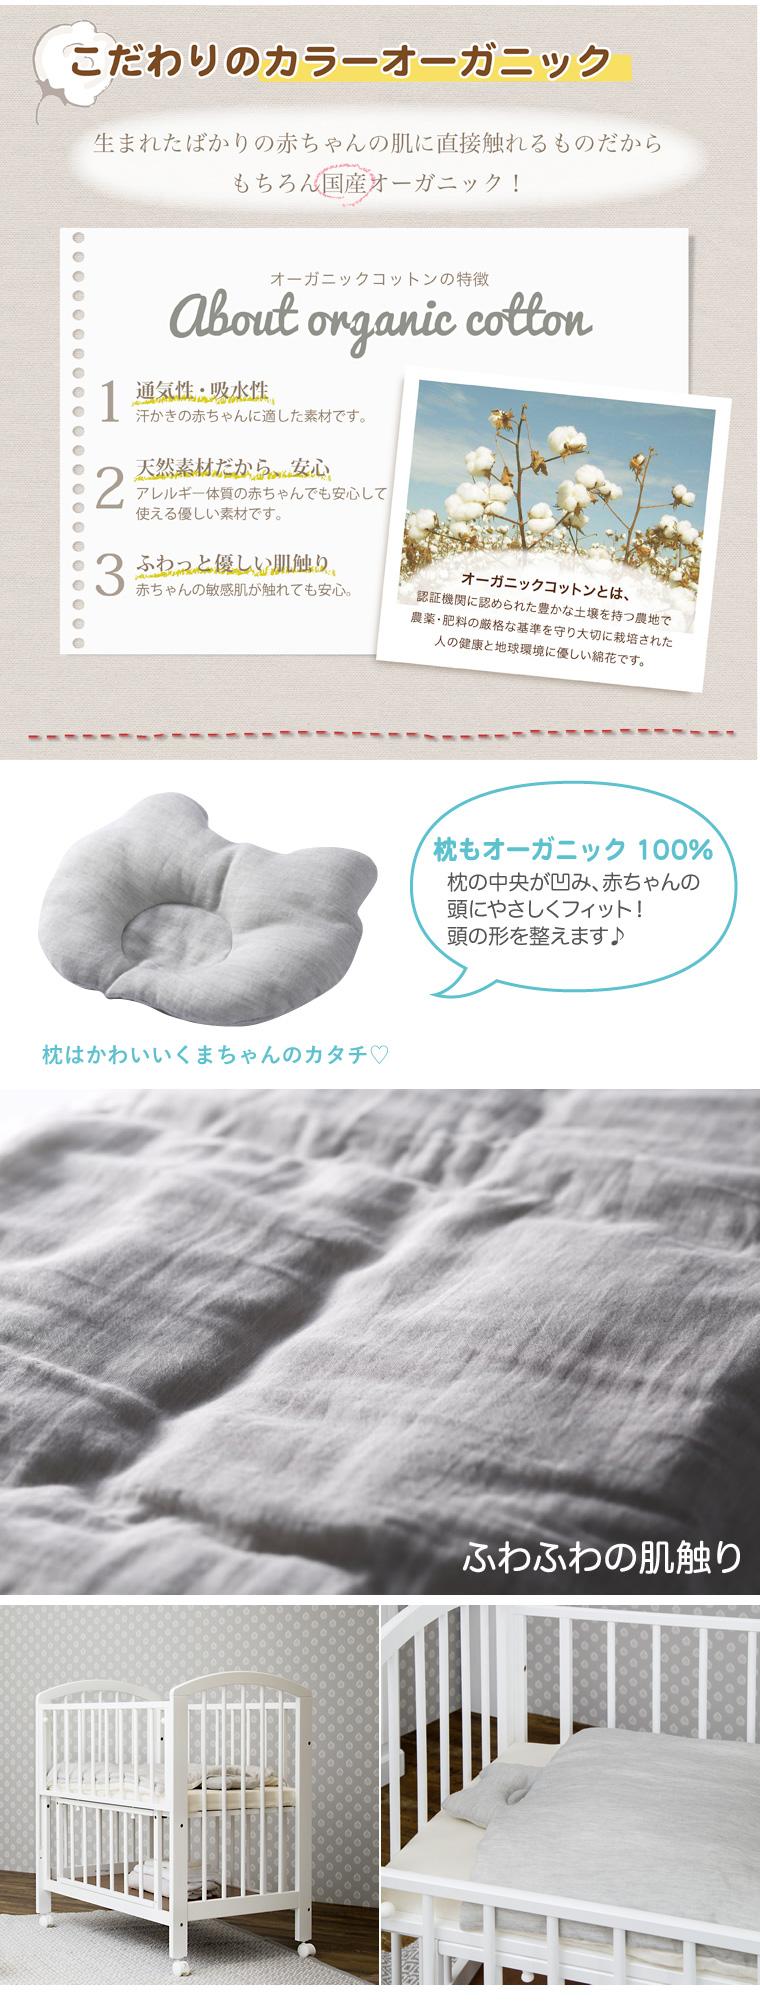 白いベビーベッド ビアンコとオーガニックの日本製ミニベビー布団グレー